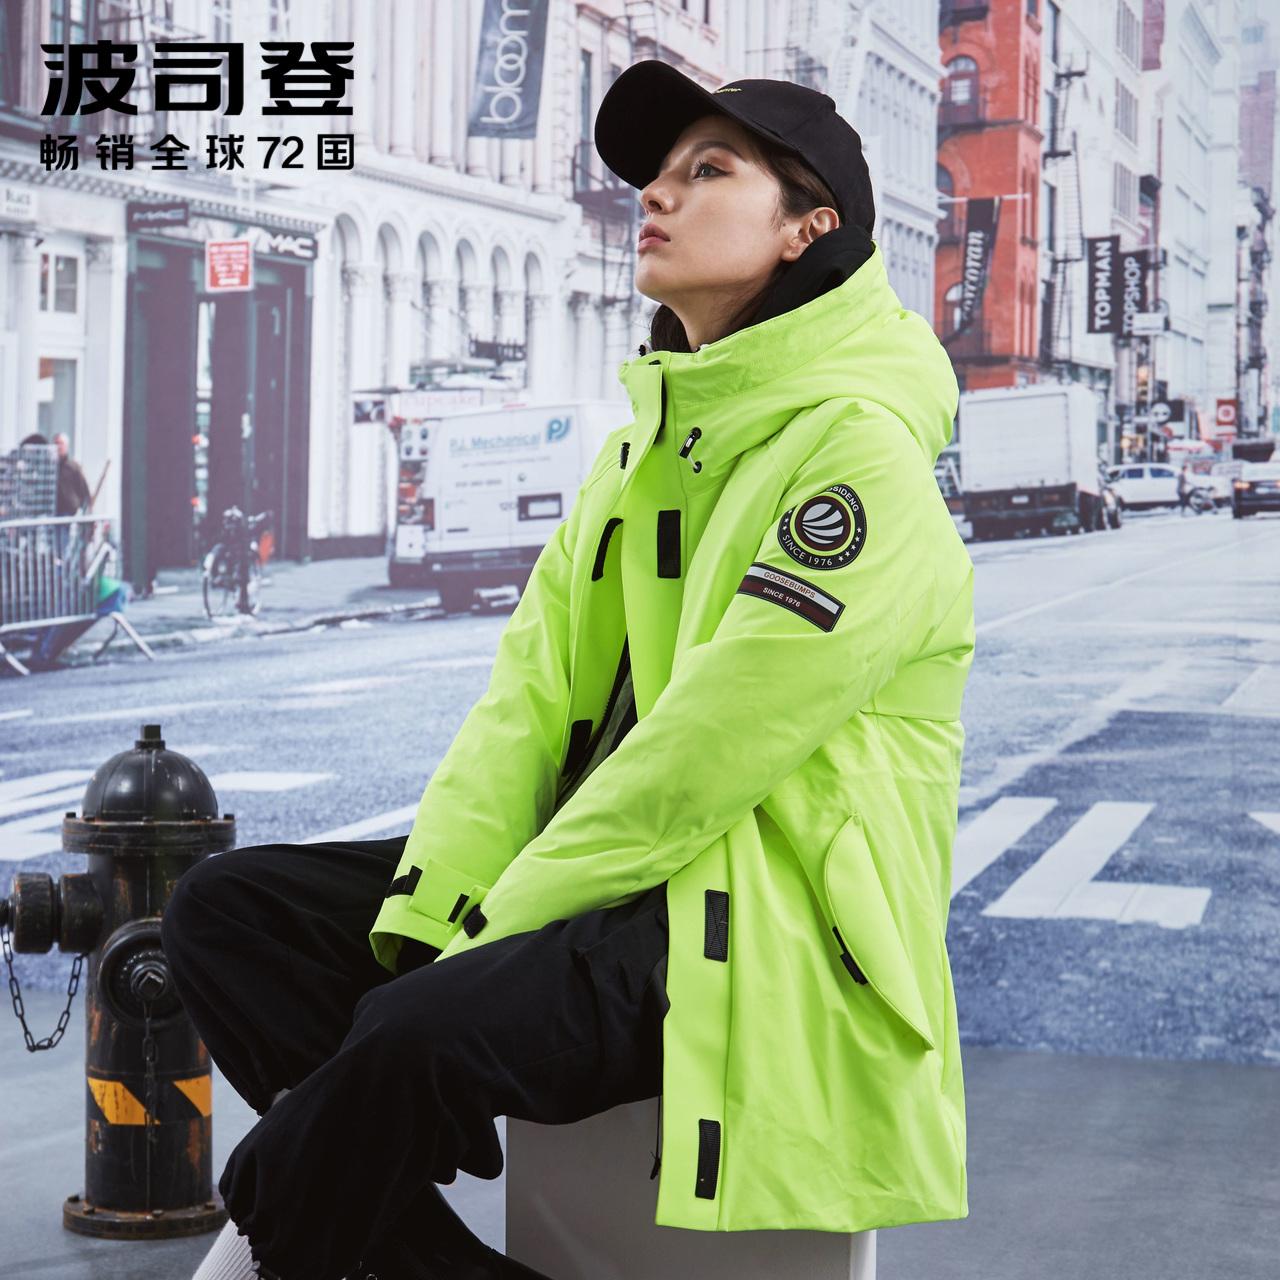 B90142156 2019  波司登女羽绒服连帽中长款 新款时尚保暖防寒外套潮